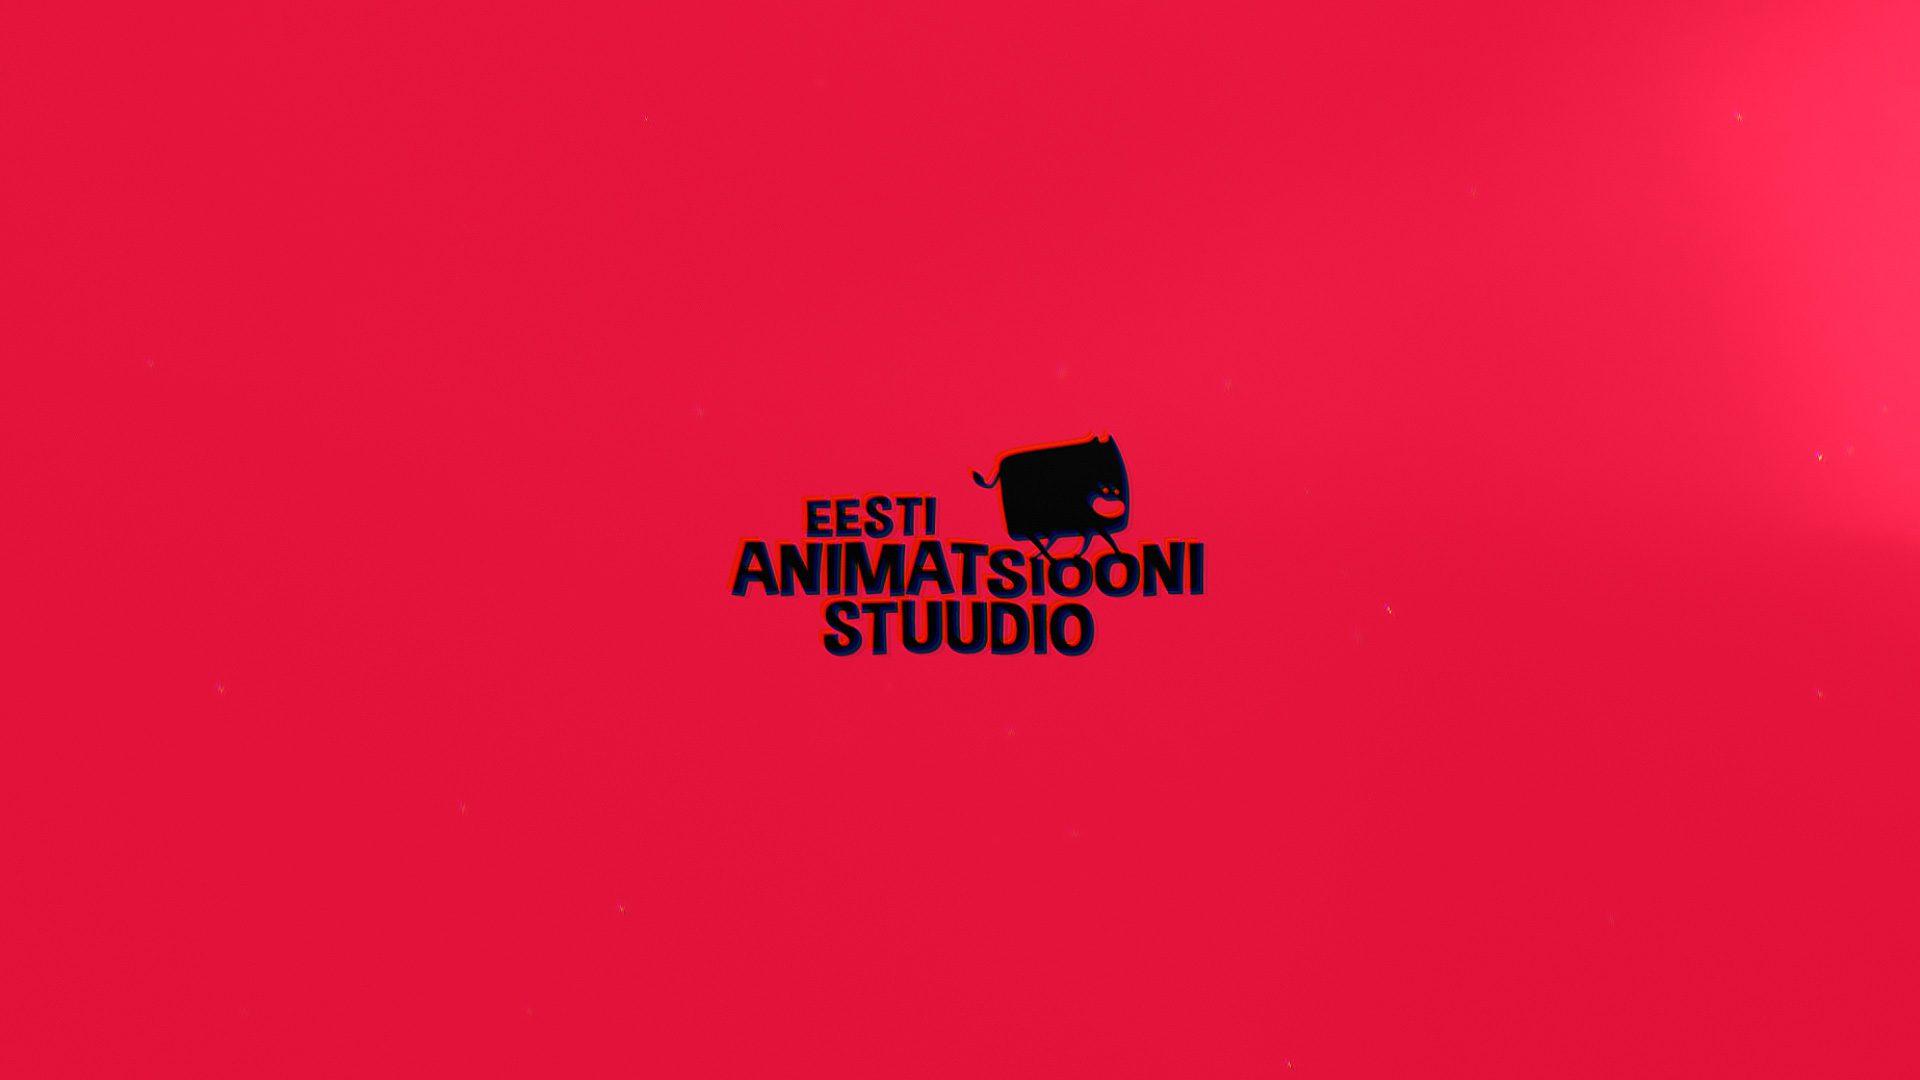 animatsioonistuudio-showreel